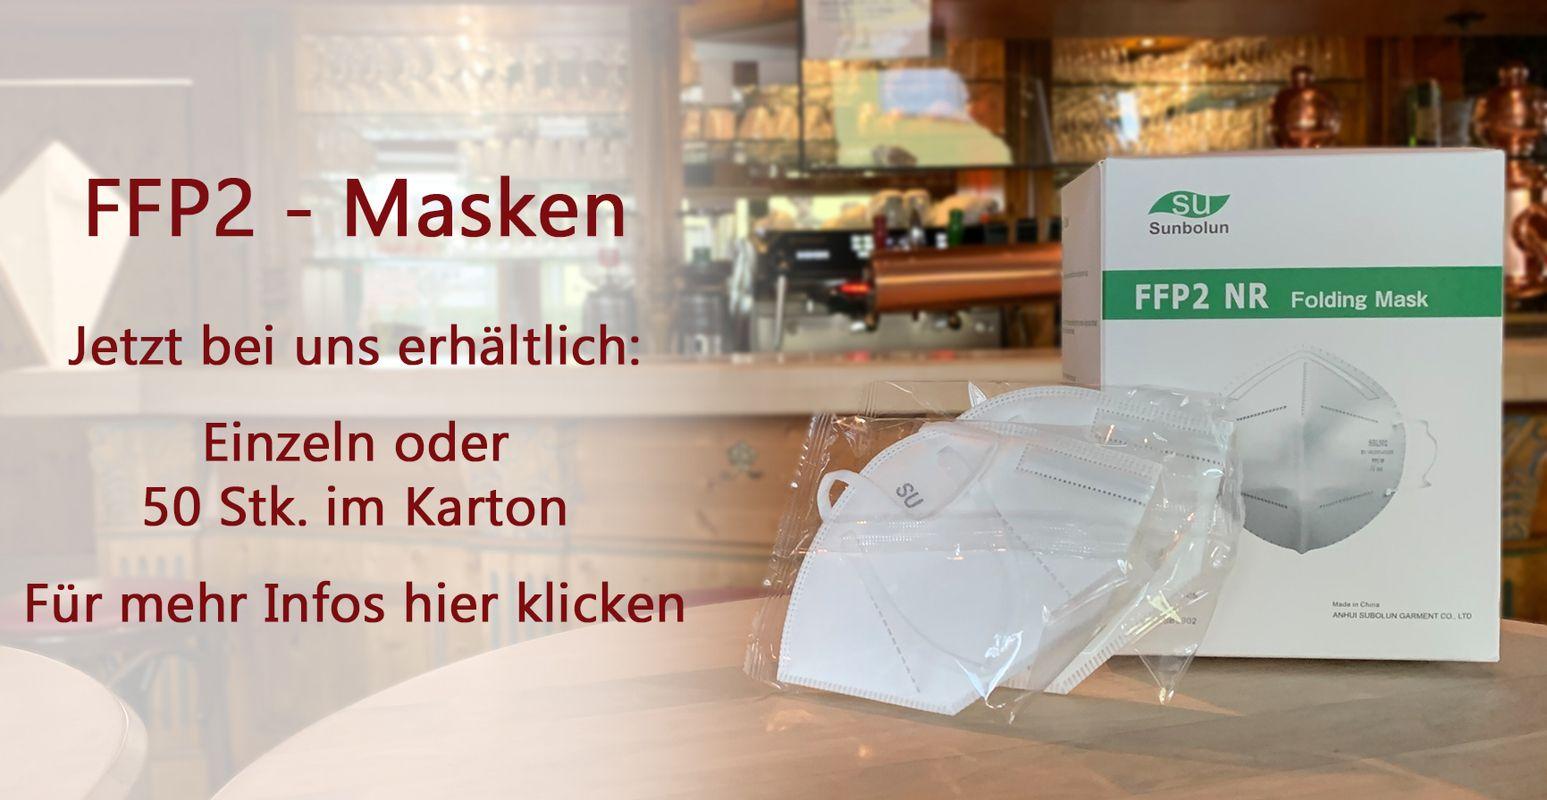 FFP2_Masken